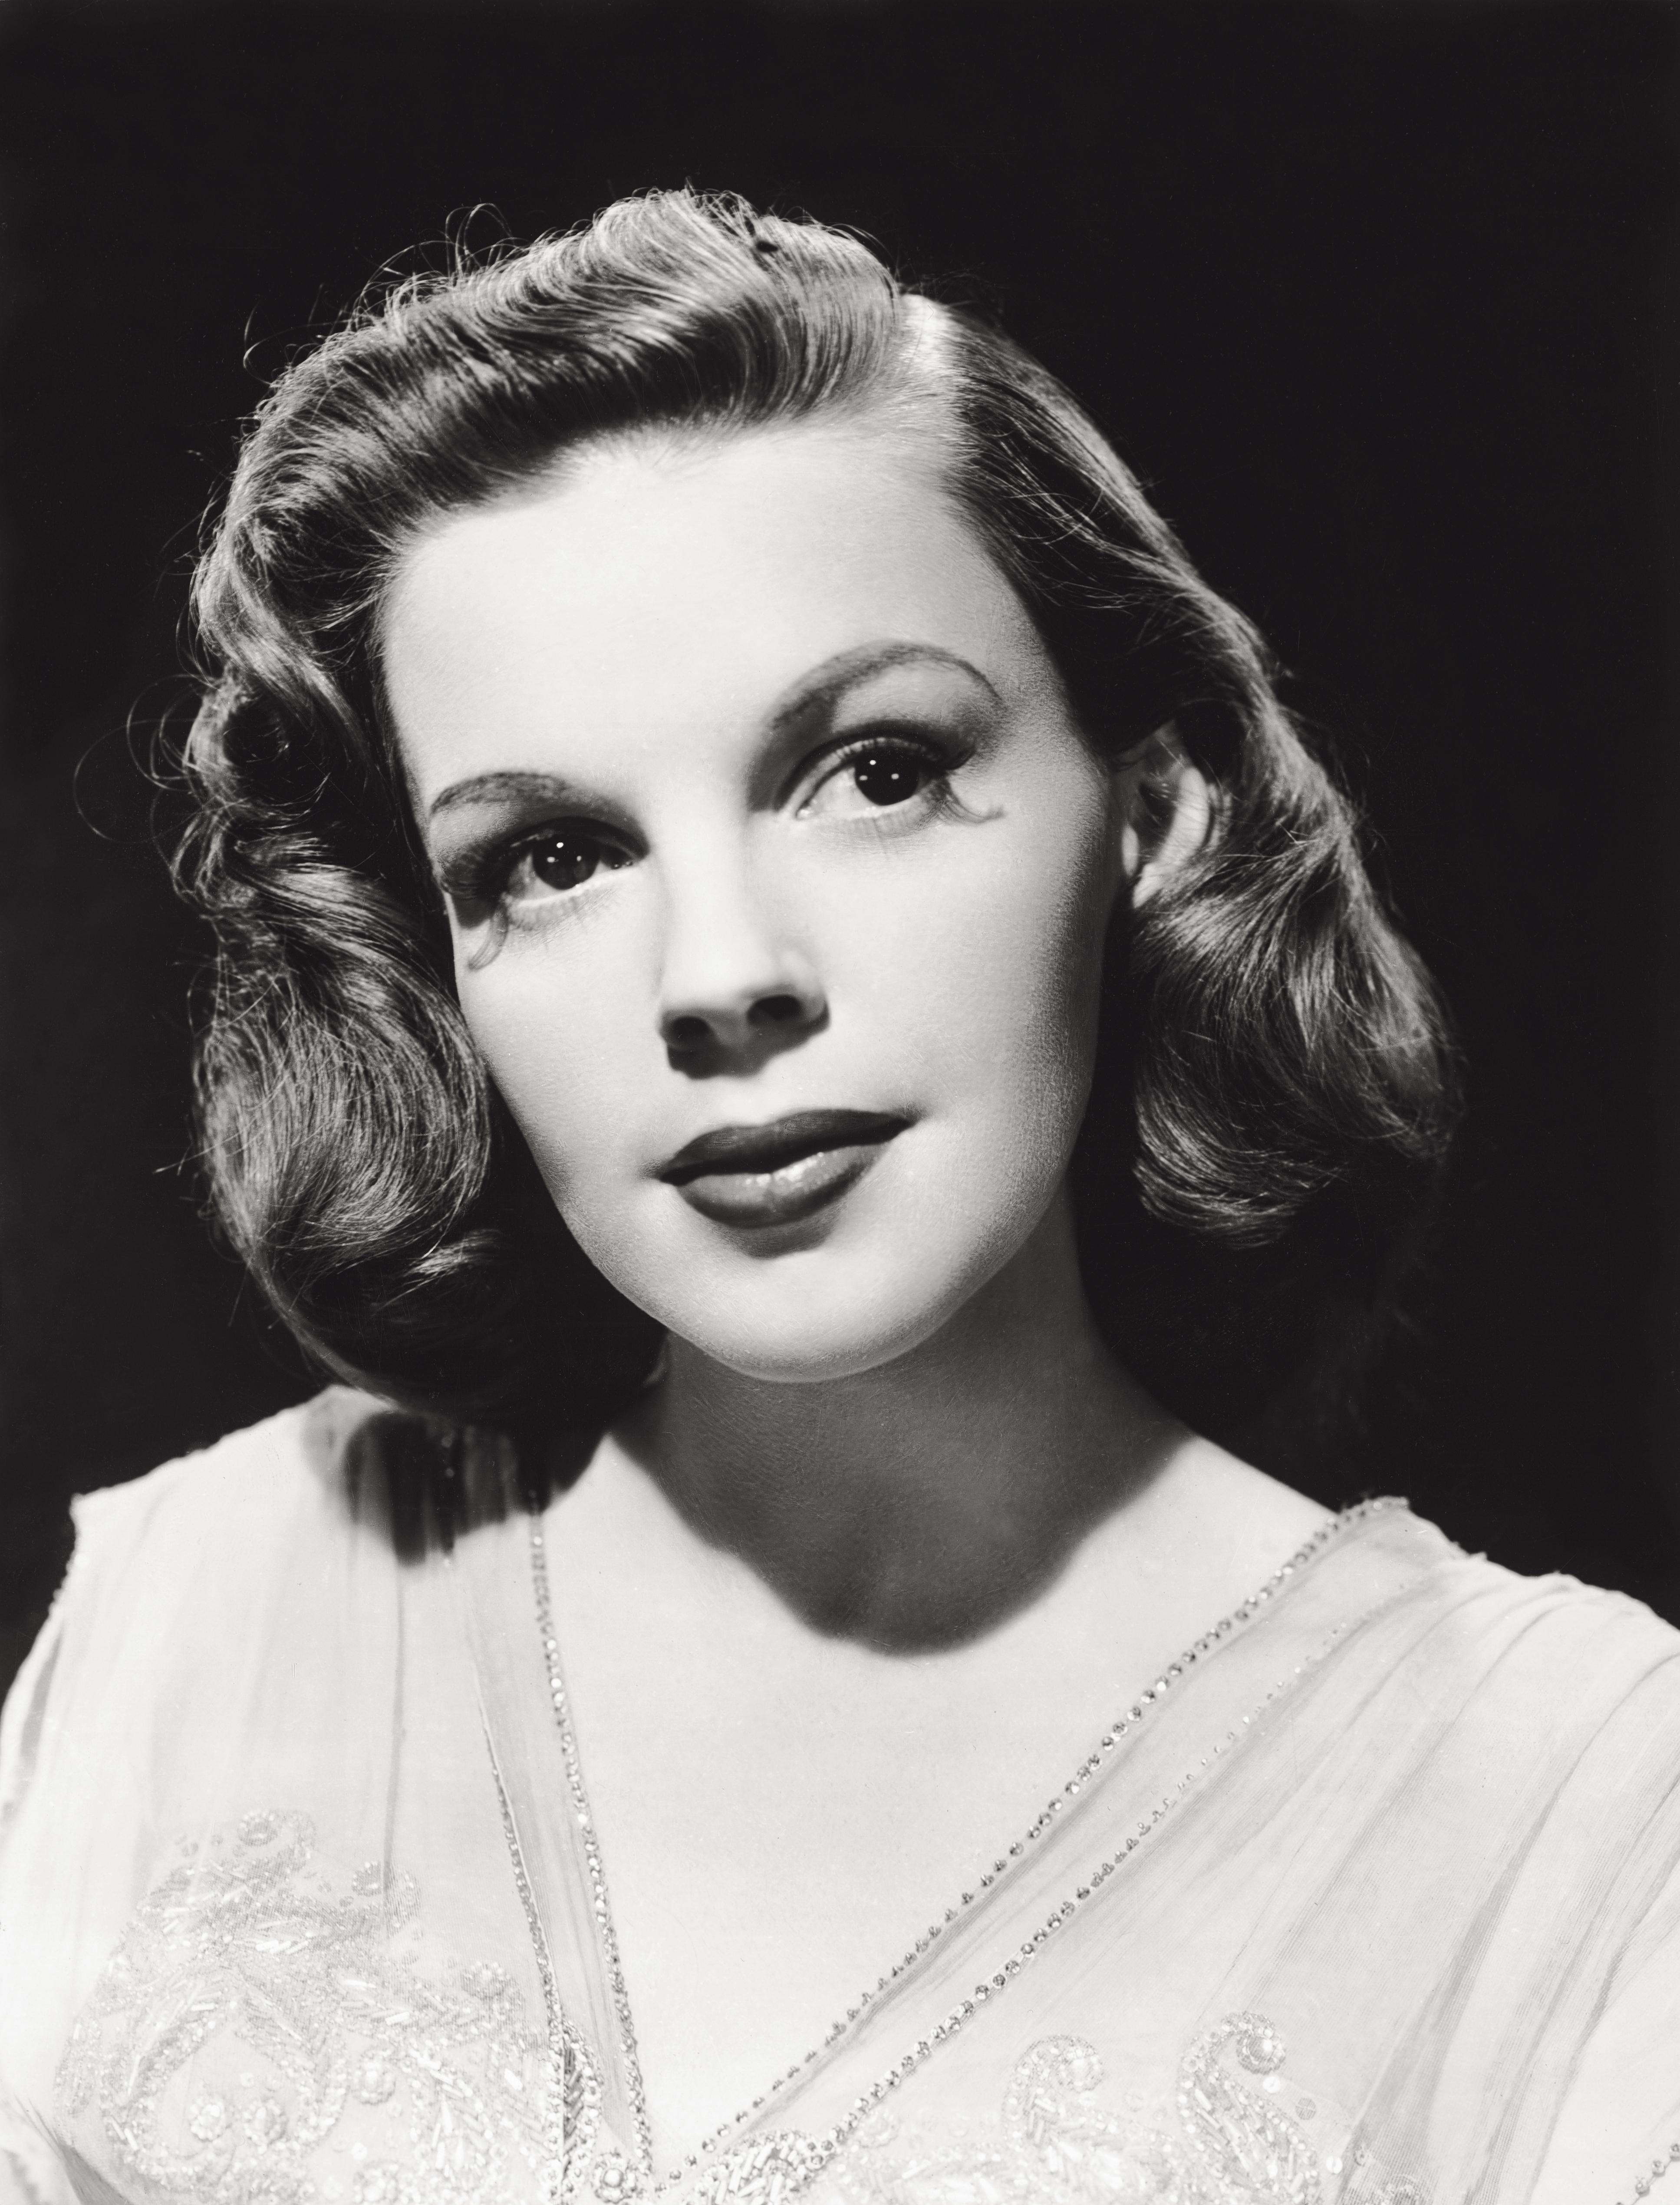 Close up of the actress Judy Garland.